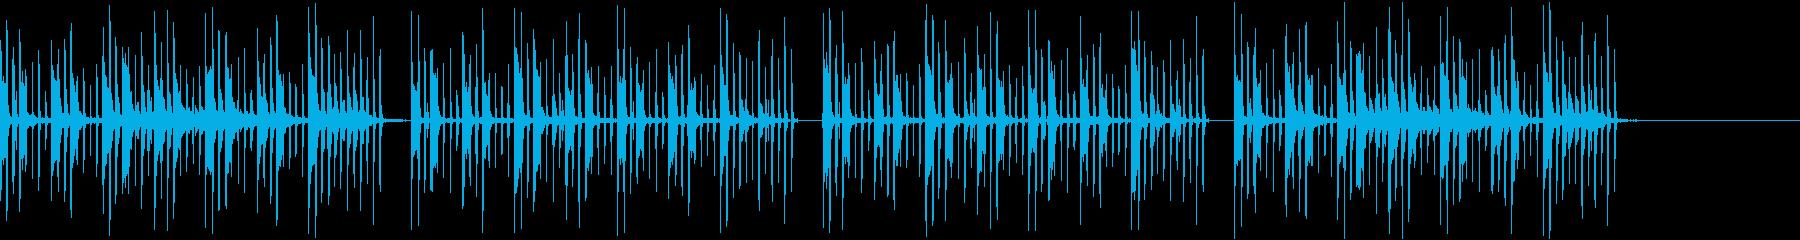 のんびり、のどかな、かわいいBGMの再生済みの波形